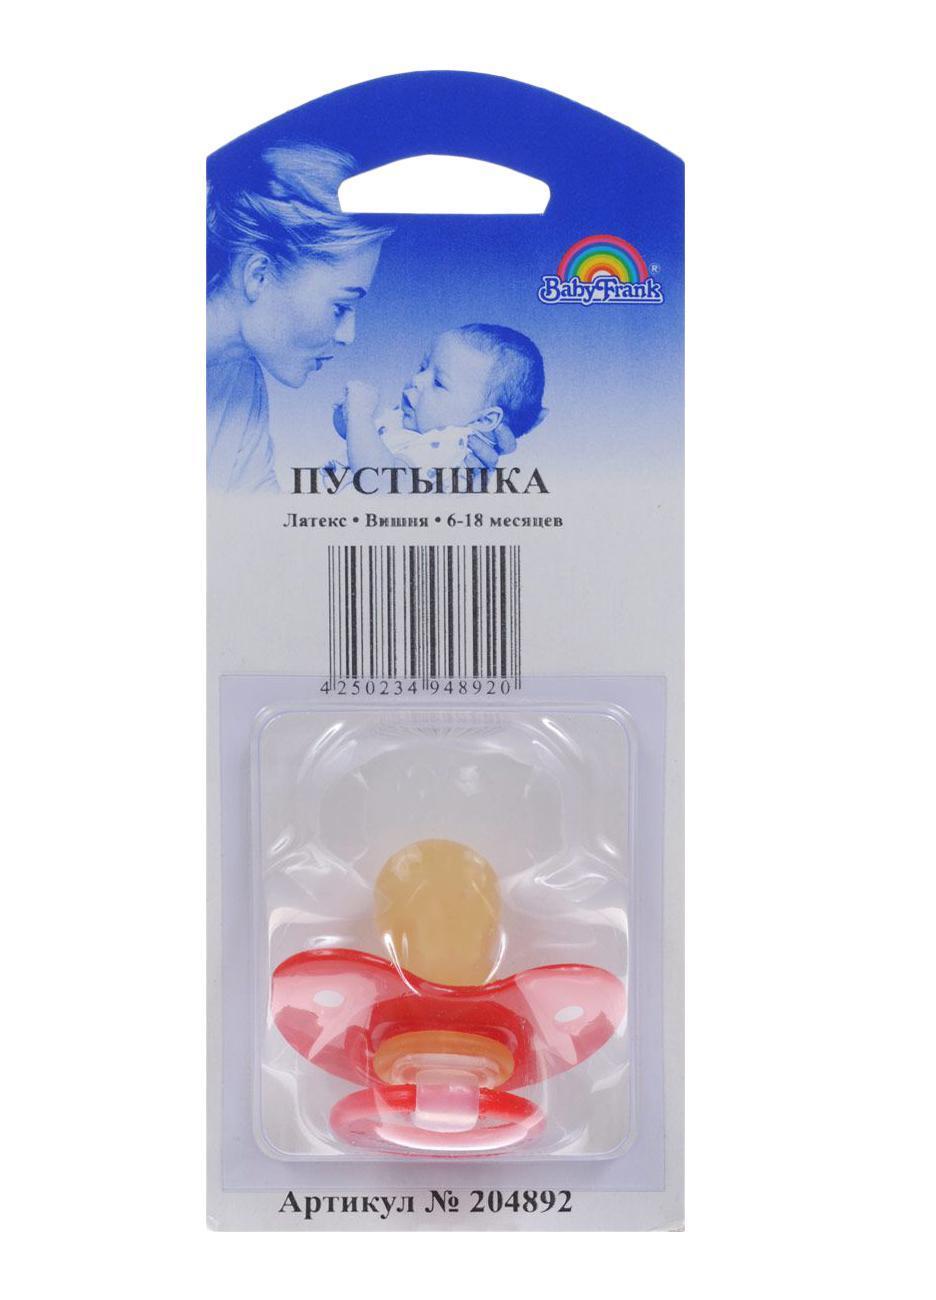 """Латексная пустышка Baby-Frank латексная круглая 6 мес Pink предназначена для малышей от 6 до 18 месяцев и снабжена круглой соской формы """"вишня"""" и традиционным ограничителем с кольцом. Пустышка имитирует сосок матери в момент кормления грудью, поэтому оптимально подходит по форме для ротовой полости младенца. Исключительно мягкая пустышка, выполненная из латекса, не имеющего вкуса и запаха, не мешает малышу даже во сне. Пустышка удовлетворяет естественный сосательный рефлекс и тренирует мышцы губ, языка и челюсти, что играет важную роль в развитии речевых навыков и навыков приема пищи. Маленький круглый нагубник не мешает крохе, он оснащен специальными вентиляционными отверстиями, благодаря чему не вызывает раздражения нежной кожи малыша. Выполнен он из полипропилена в виде забавного улыбающегося личика"""